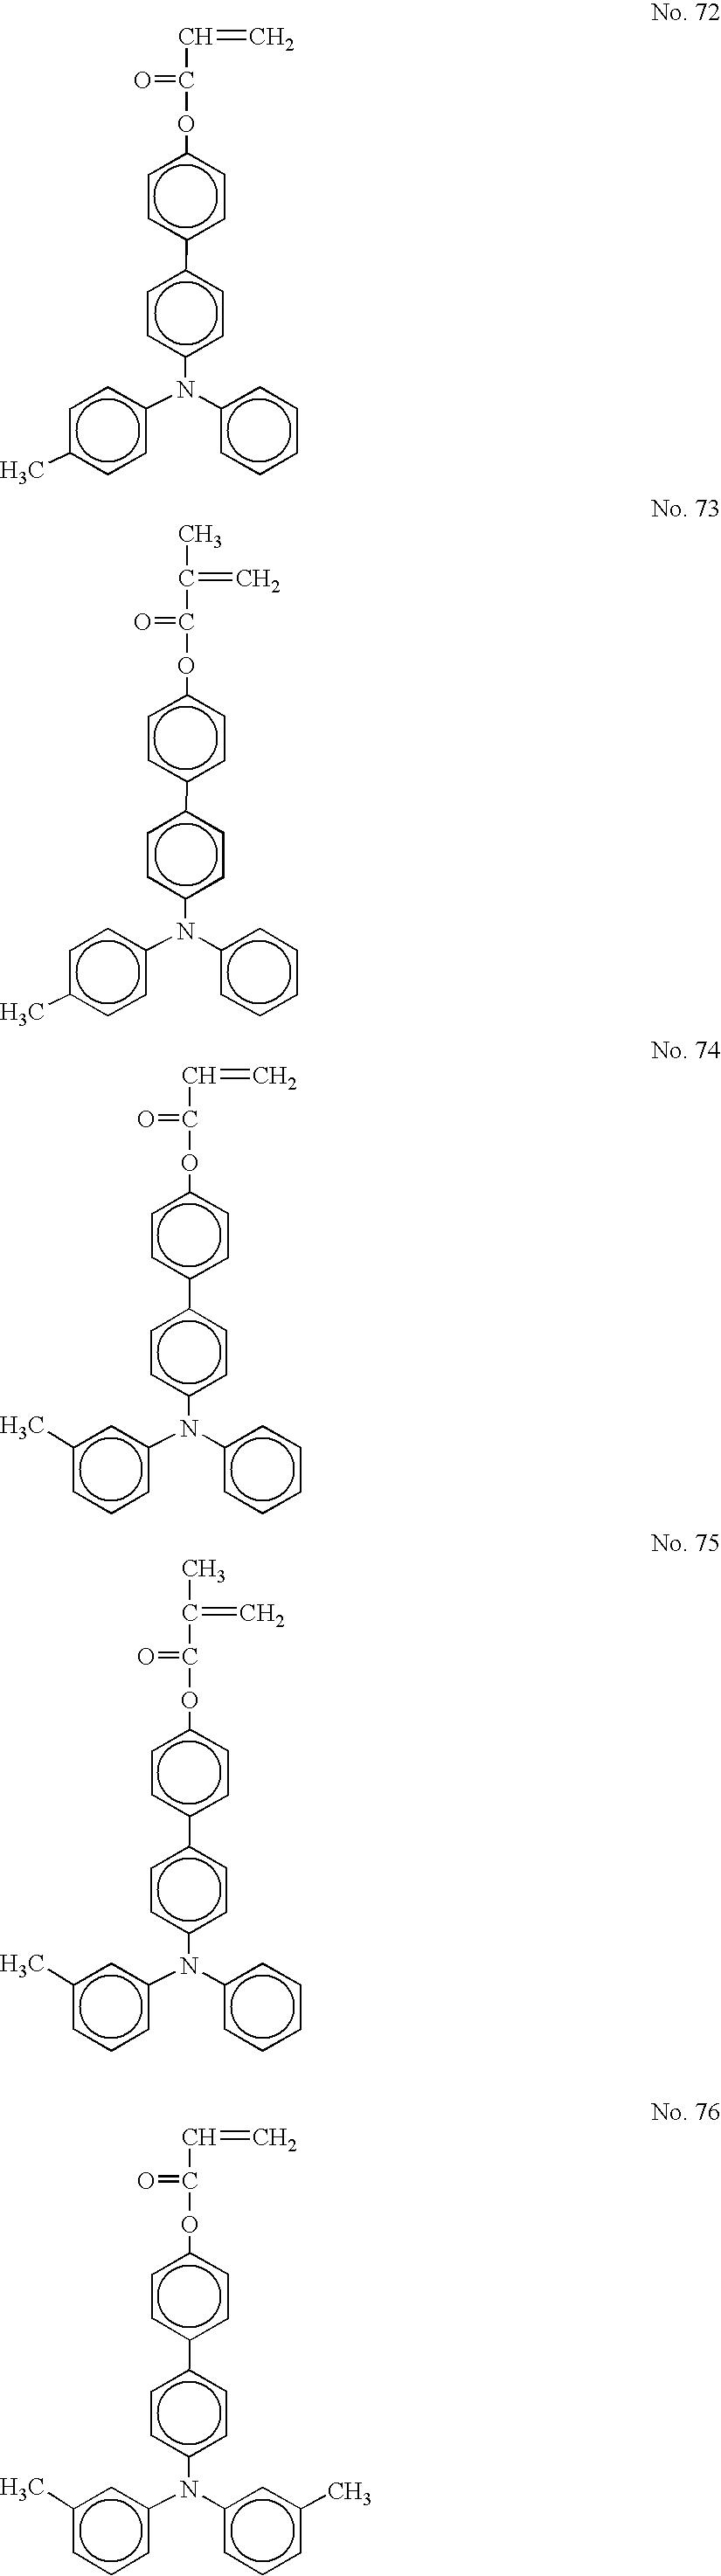 Figure US20070059619A1-20070315-C00029